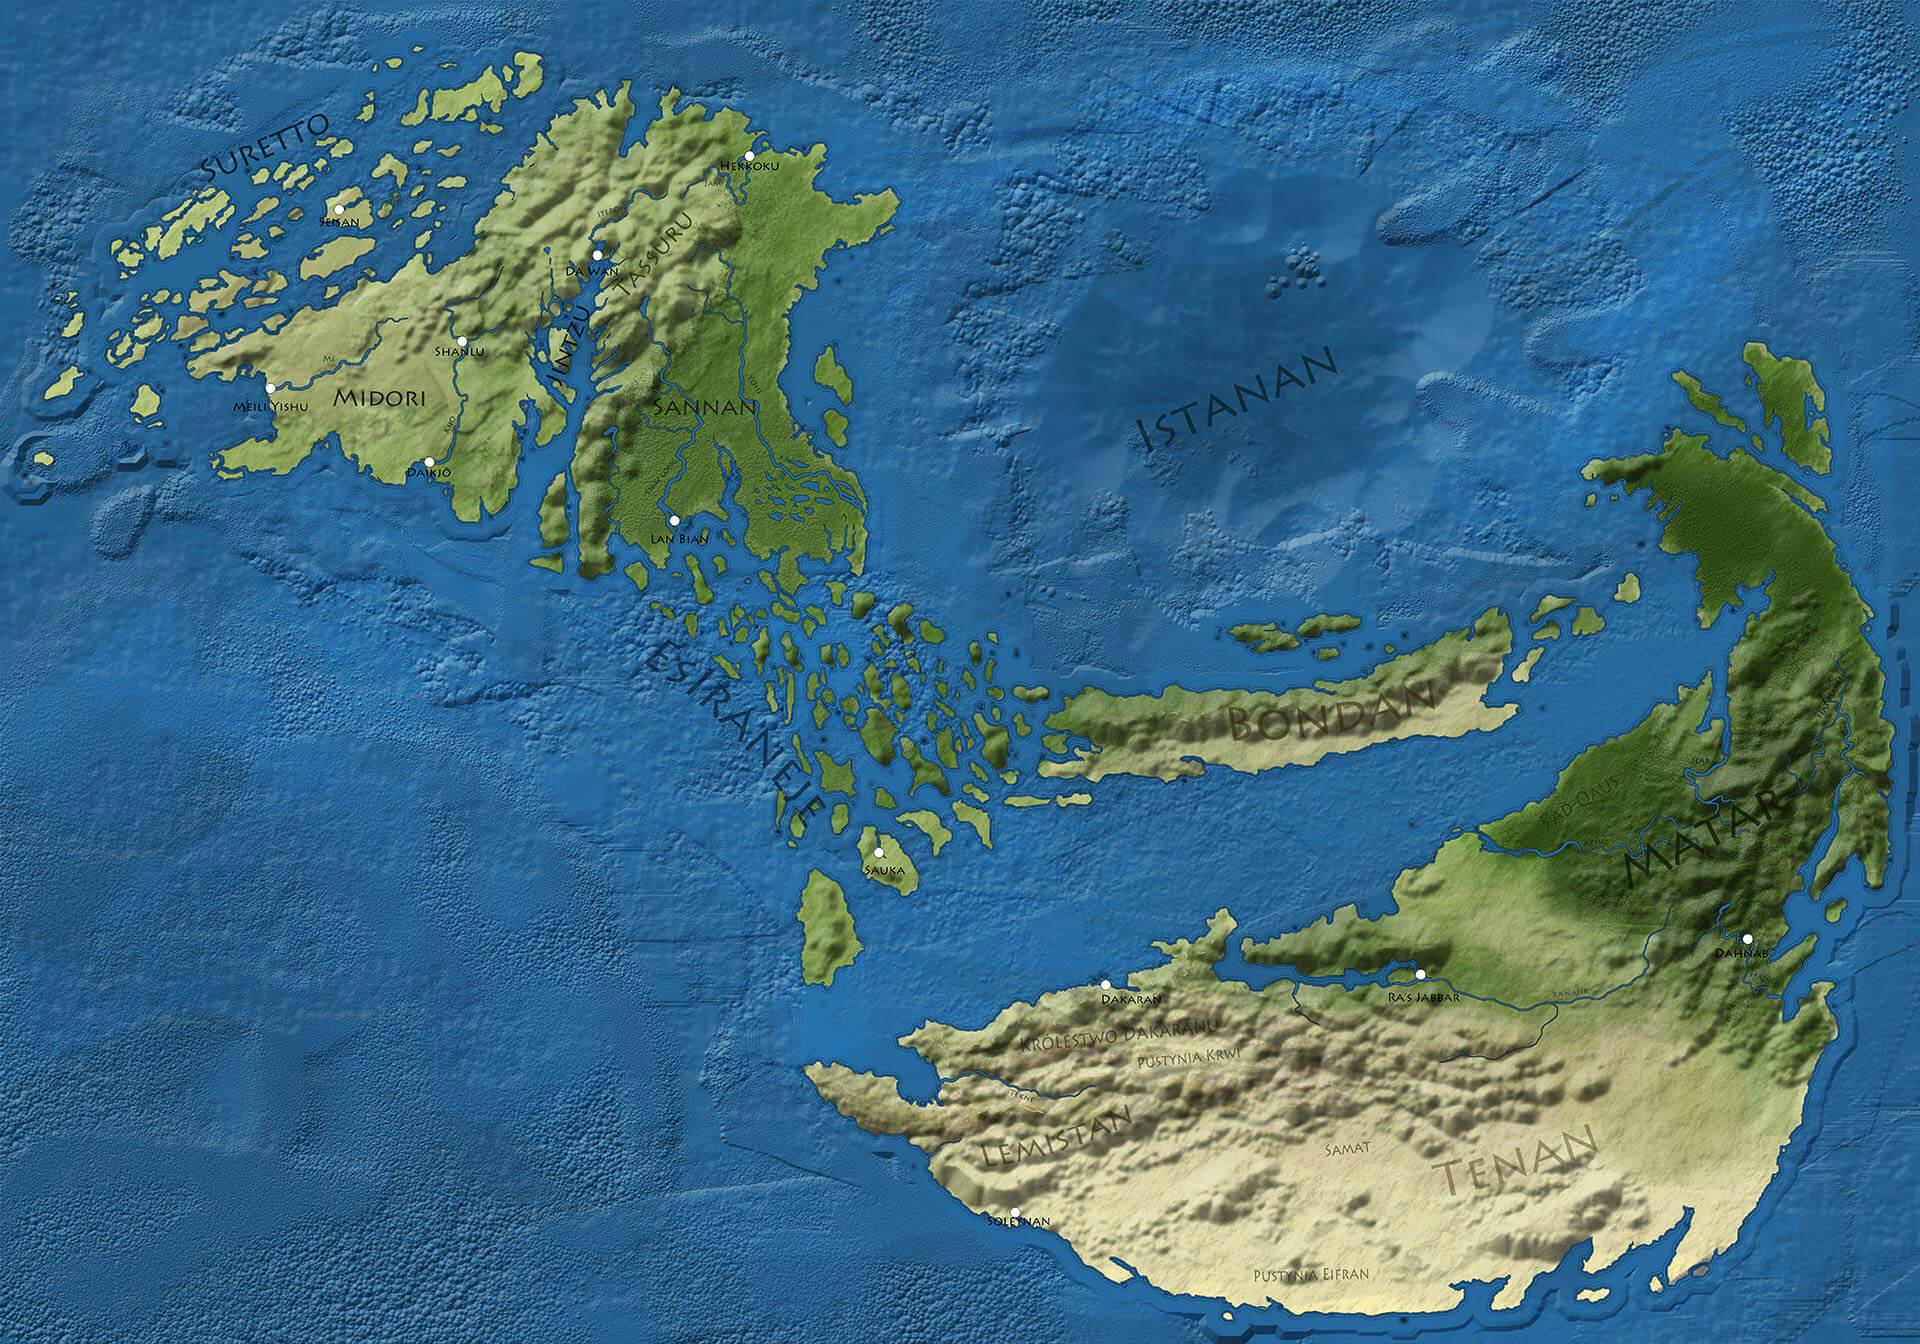 Mapa archipelagu Wneguo na północnym zachodzie i kontynentu Intisar na południowym wschodzie oraz łączącego ich archipelagu Esiraneje